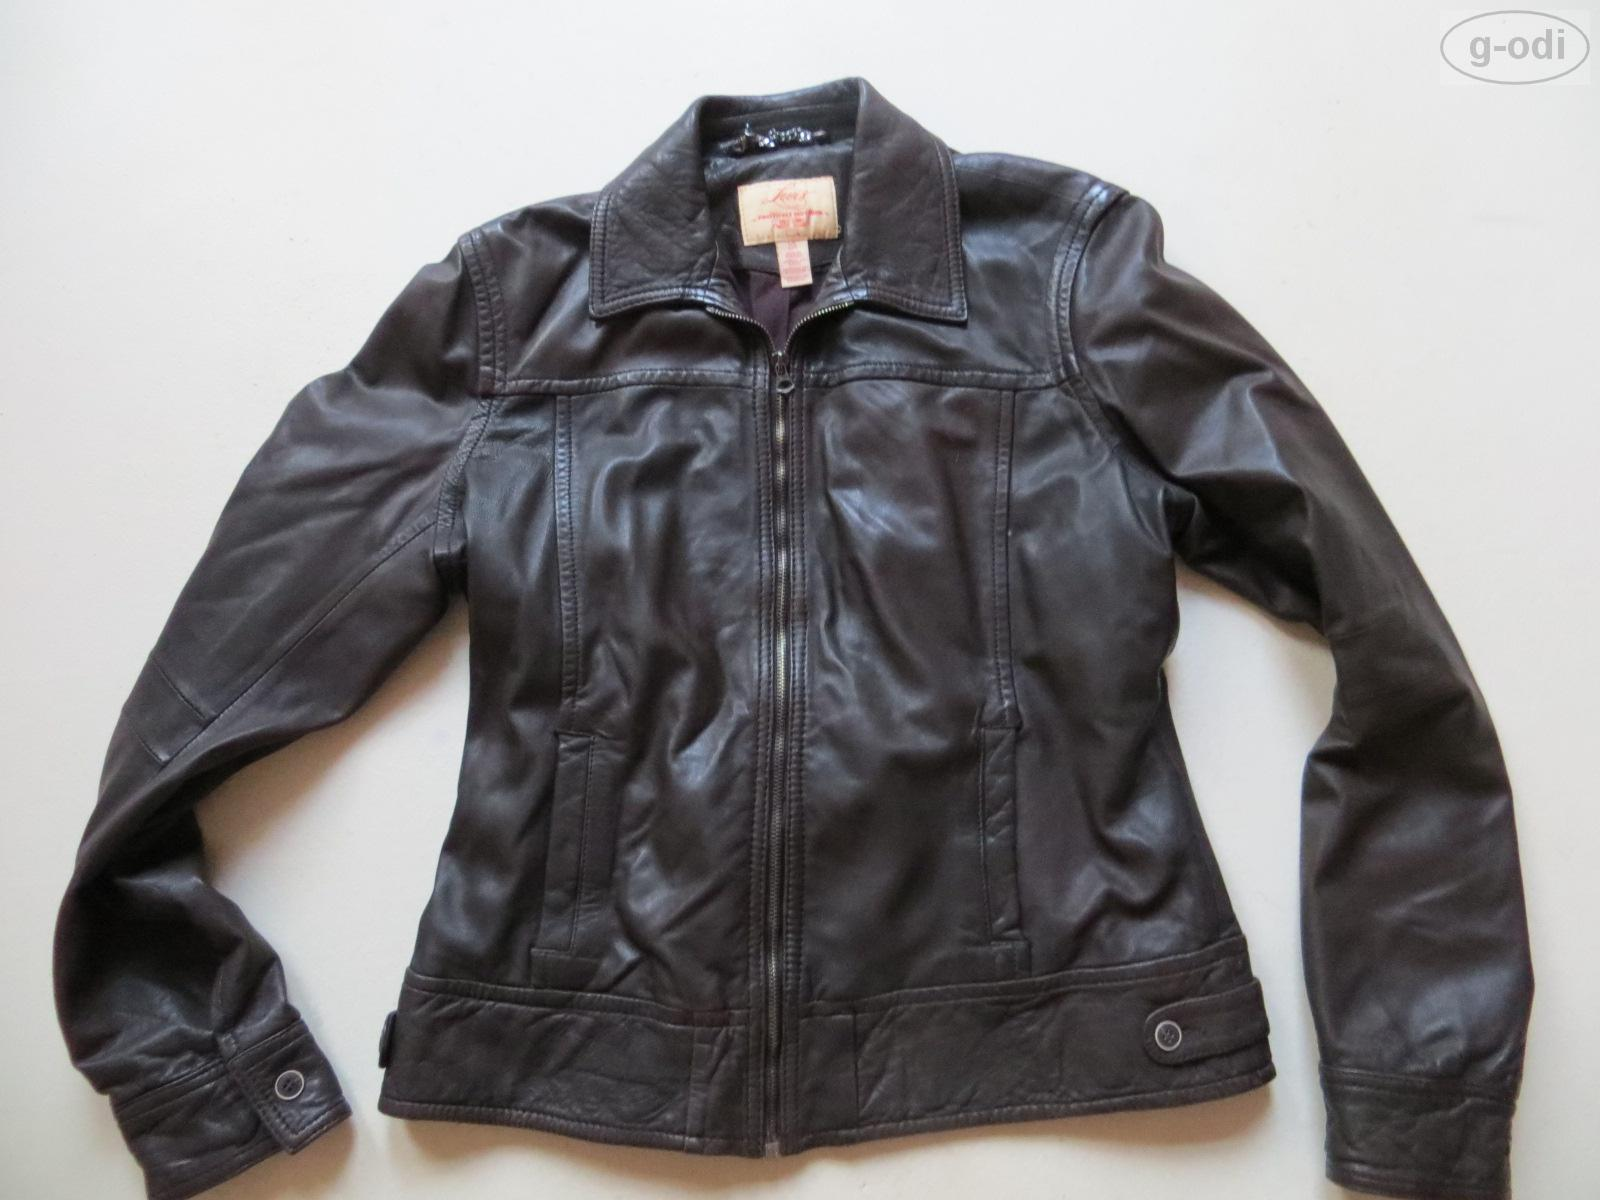 levi 39 s damen jacke lederjacke gr l braun echt leder biker rocker lady ebay. Black Bedroom Furniture Sets. Home Design Ideas